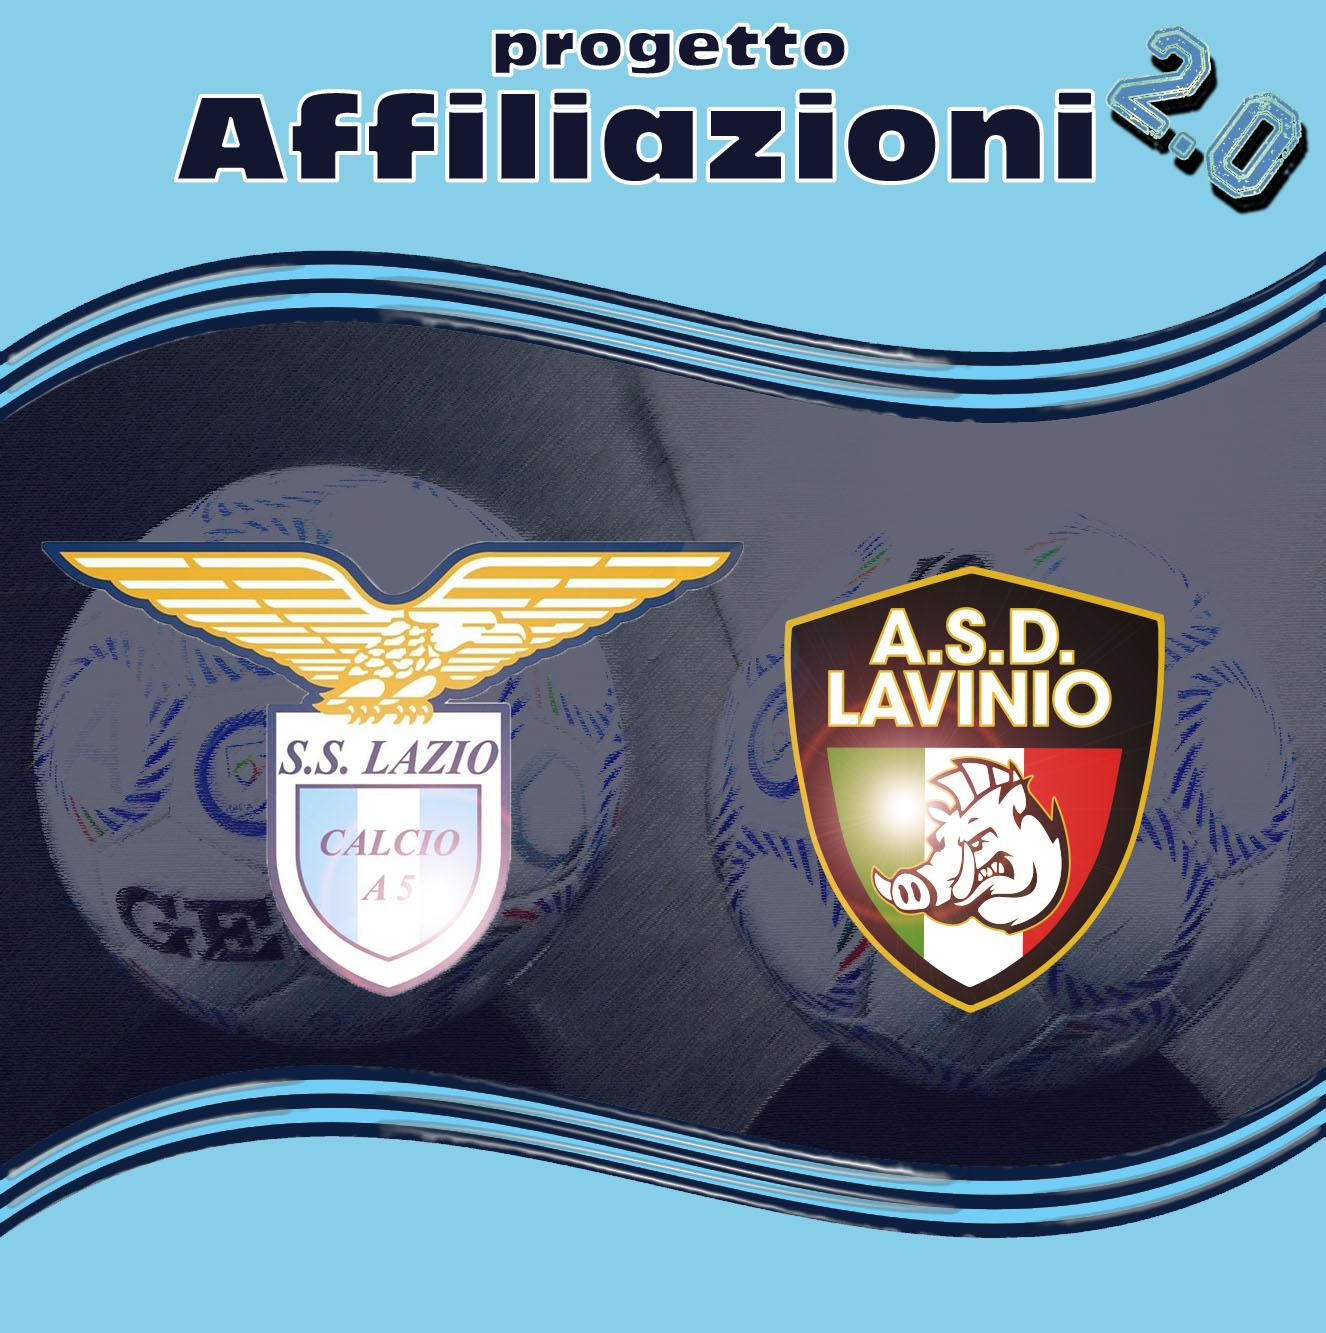 Il Lavinio entra nella famiglia delle affiliate S.S. Lazio Calcio a 5